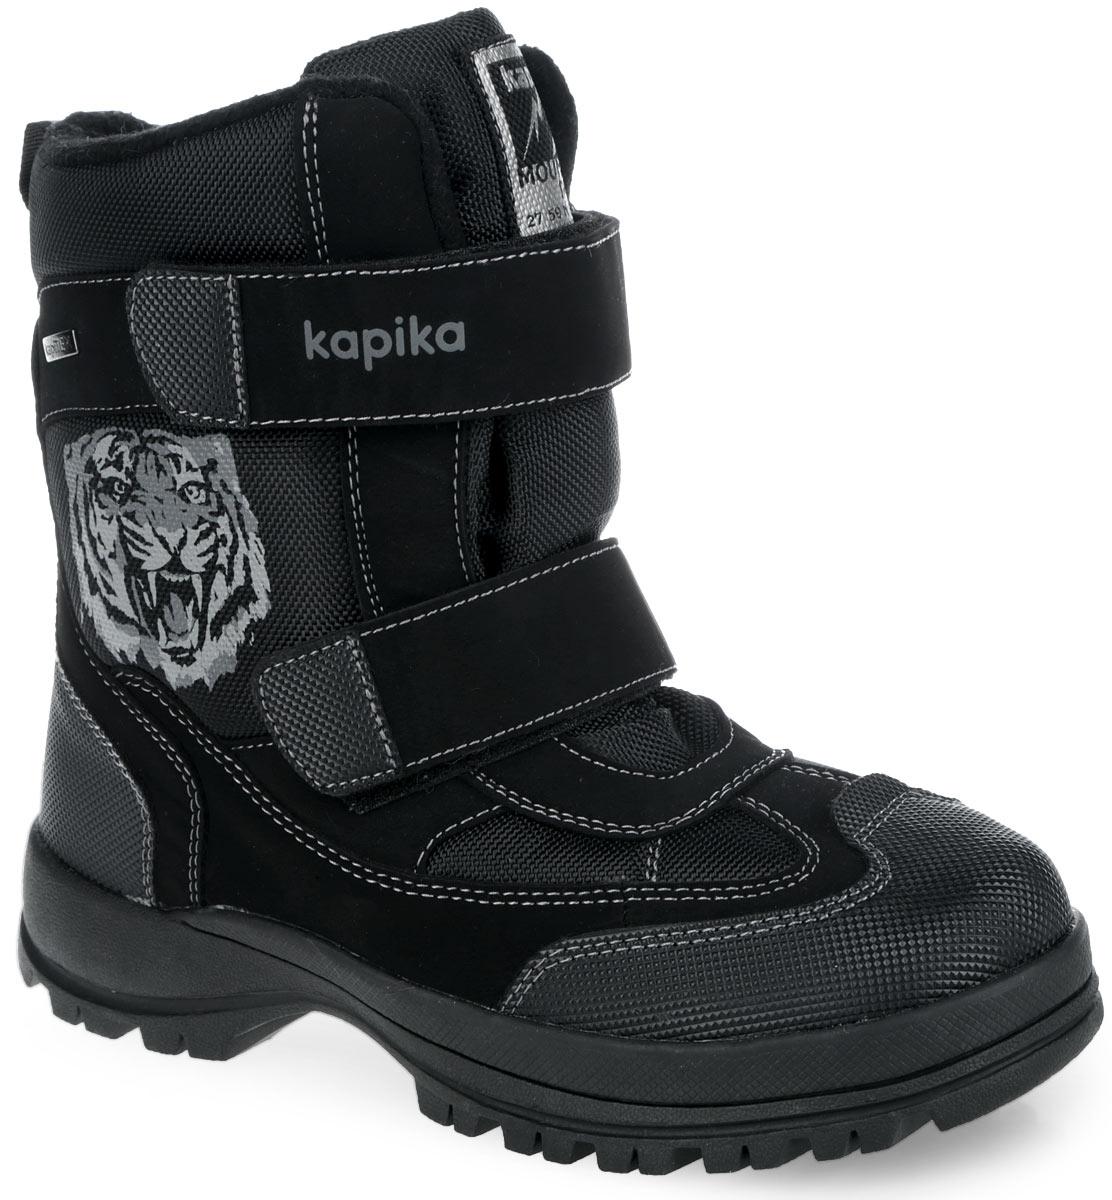 44094Детские полусапоги для мальчика Kapika выполнены из комбинации искусственной кожи и текстиля. Обувь внутри исполнена из искусственного меха - 65% и шерсти - 35% с верхней отделкой из флиса. Два ре мешка на застежках-липучках, пропущенные через шлевки на подъеме, надежно фиксируют изделие. Съемная стелька, также изготовленная из искусственного меха - 65% и шерсти - 35%, защитит ноги от холода и обеспечит комфорт. Язычок оформлен нашивкой с логотипом бренда. Усиленный задник и мыс защитят детскую стопу от ударов при движении. Сбоку модель украшена декоративным металлическим элементом и принтом в виде тигра. Задник дополнен ярлычком для более удобного надевания обуви. Внутренняя мембрана позволяет сохранить комфортный микроклимат для ног ребенка и является лучшим выбором для осени и слякотной зимы. Подошва с протектором гарантирует идеальное сцепление с любой поверхностью. Стильные полусапоги займут достойное место в гардеробе вашего ребенка.